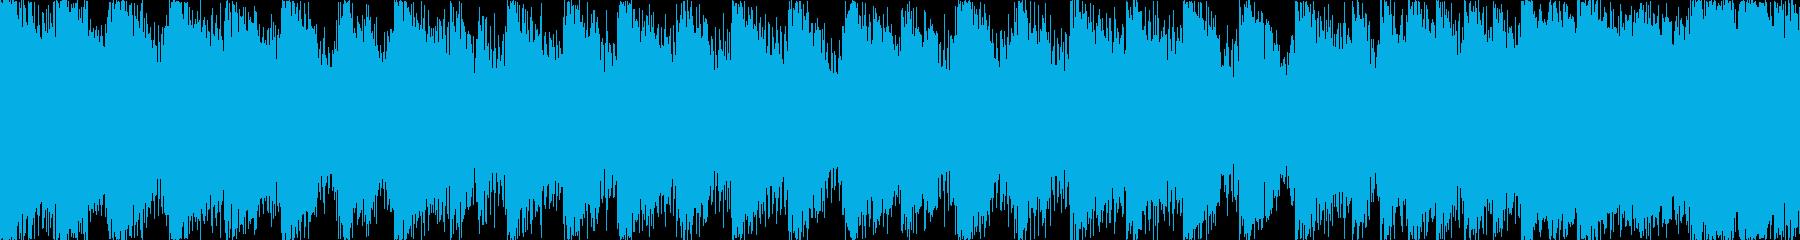 【ループE】ヘヴィーで攻撃的エレキギターの再生済みの波形